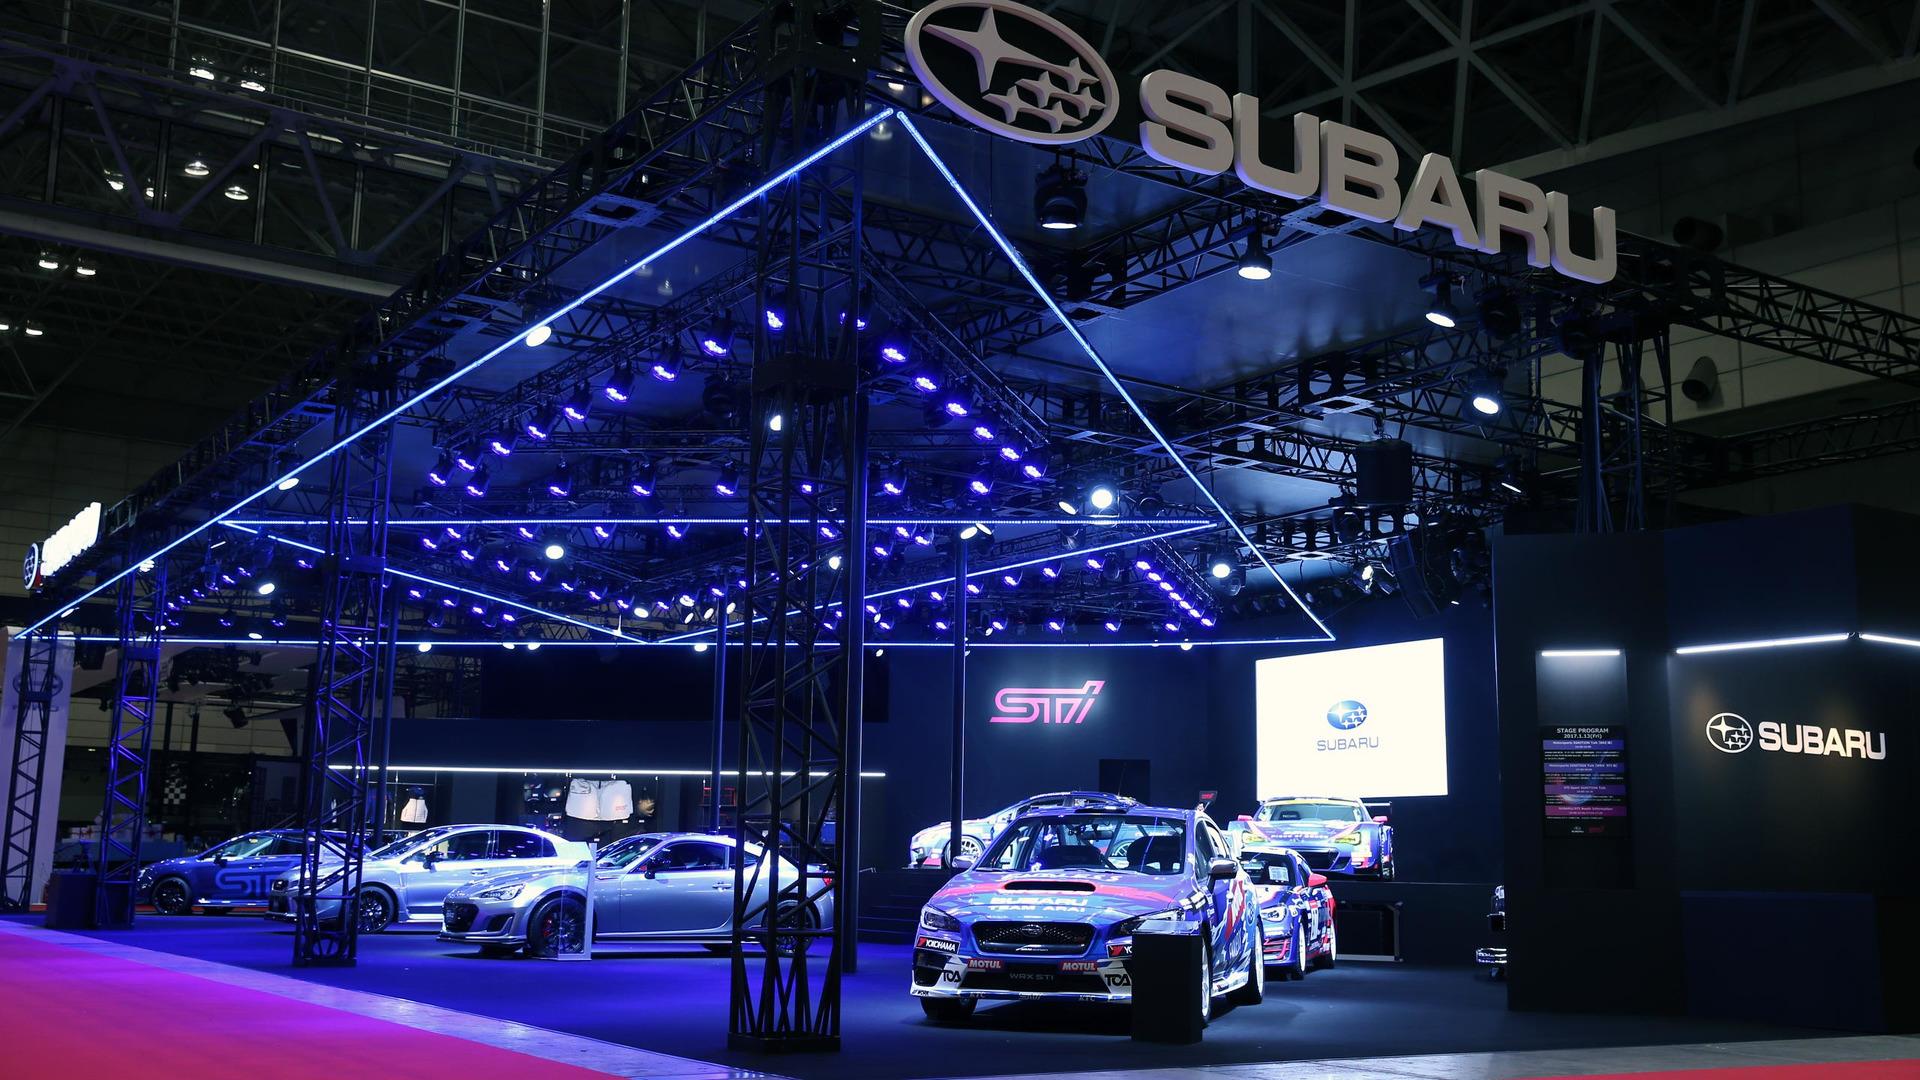 Subaru_2017_Tokyo_Auto_Salon_65